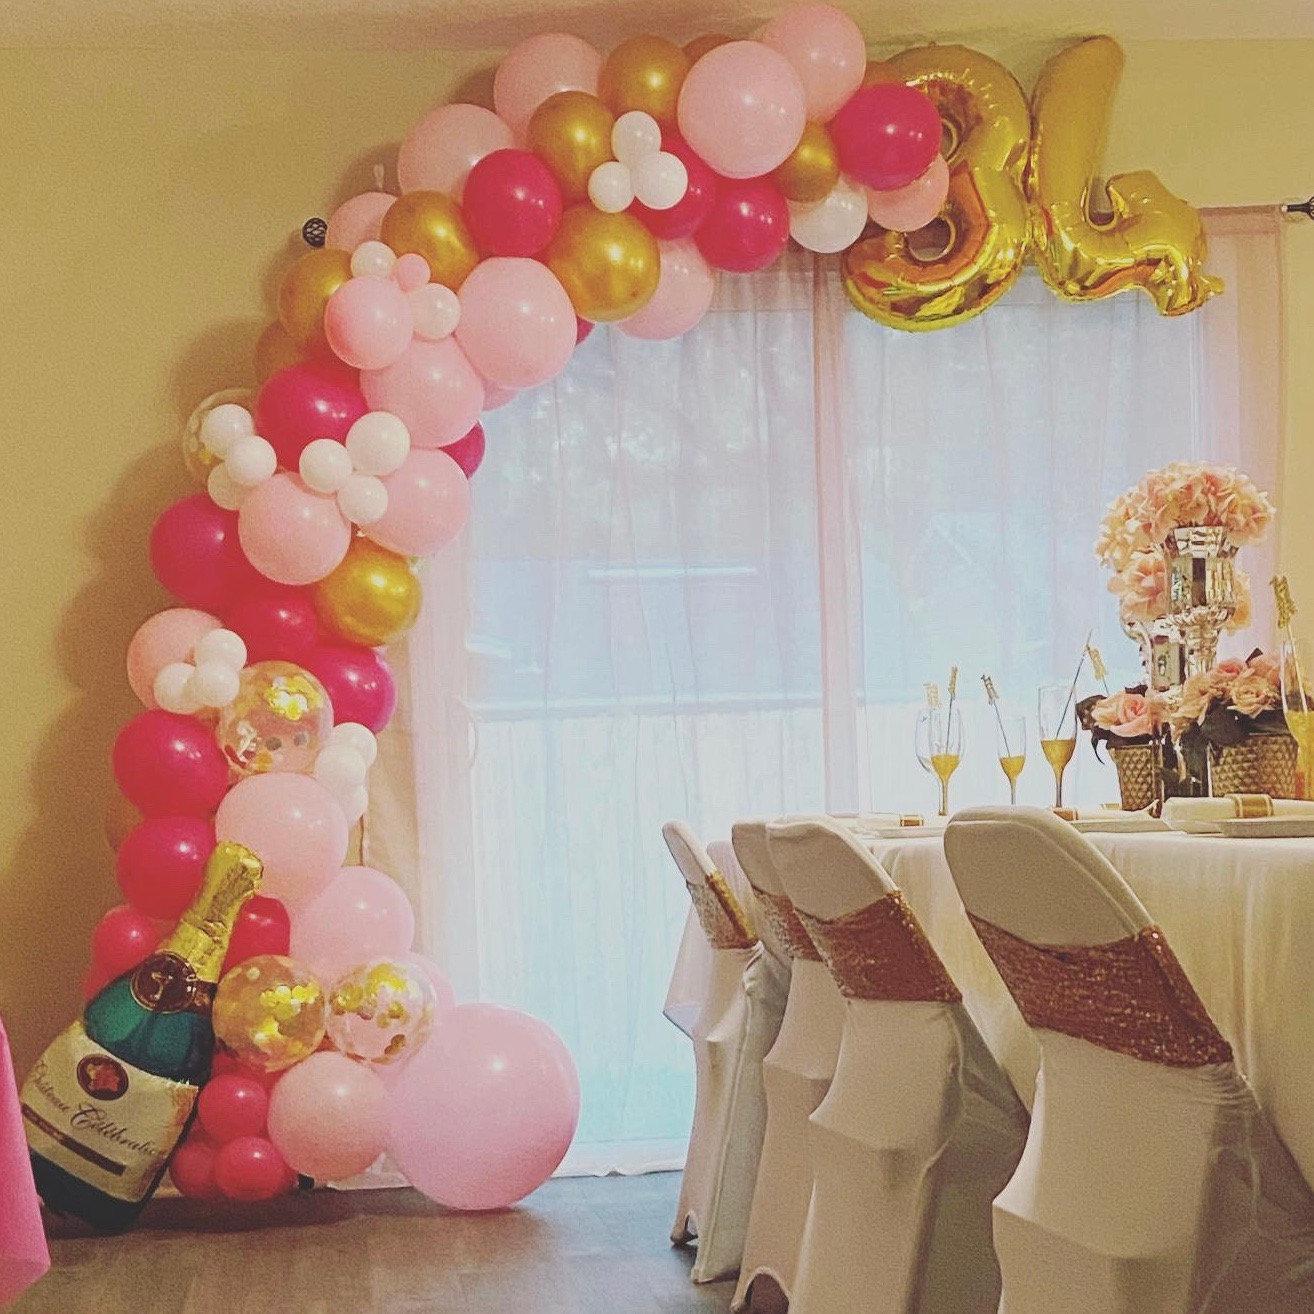 Partial Balloon garland